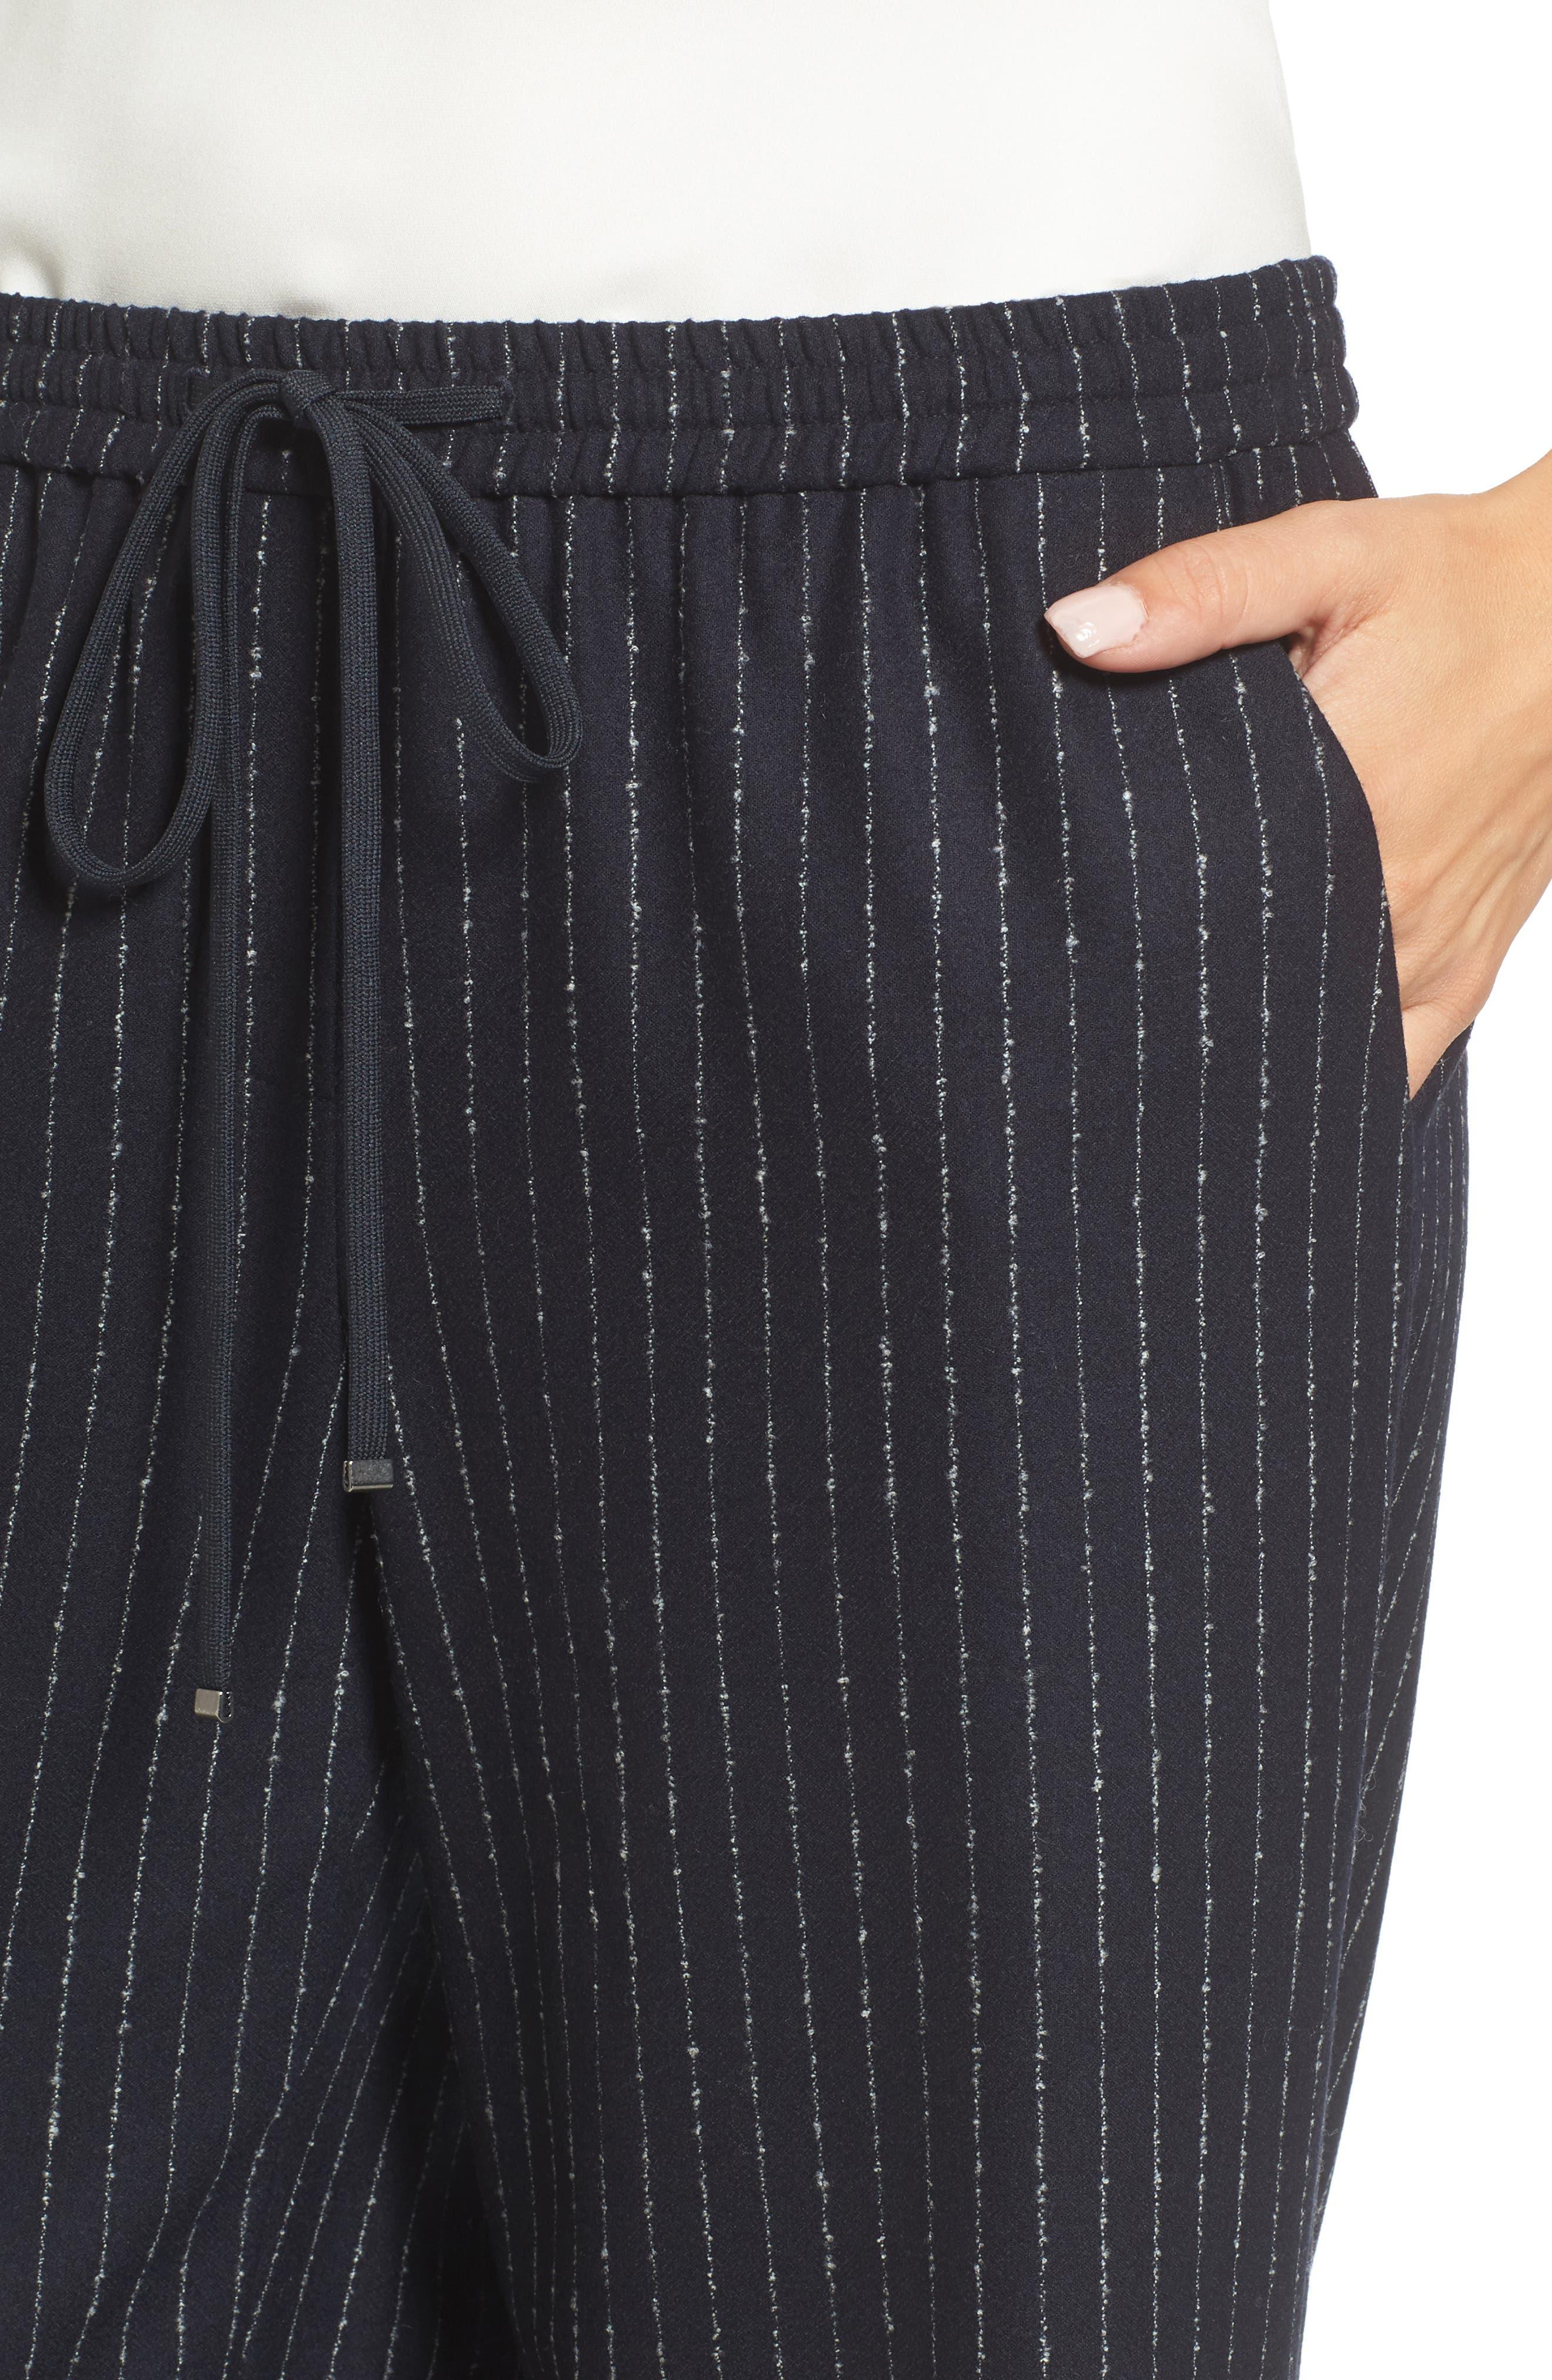 Wide-Leg Crop Pants,                             Alternate thumbnail 4, color,                             410